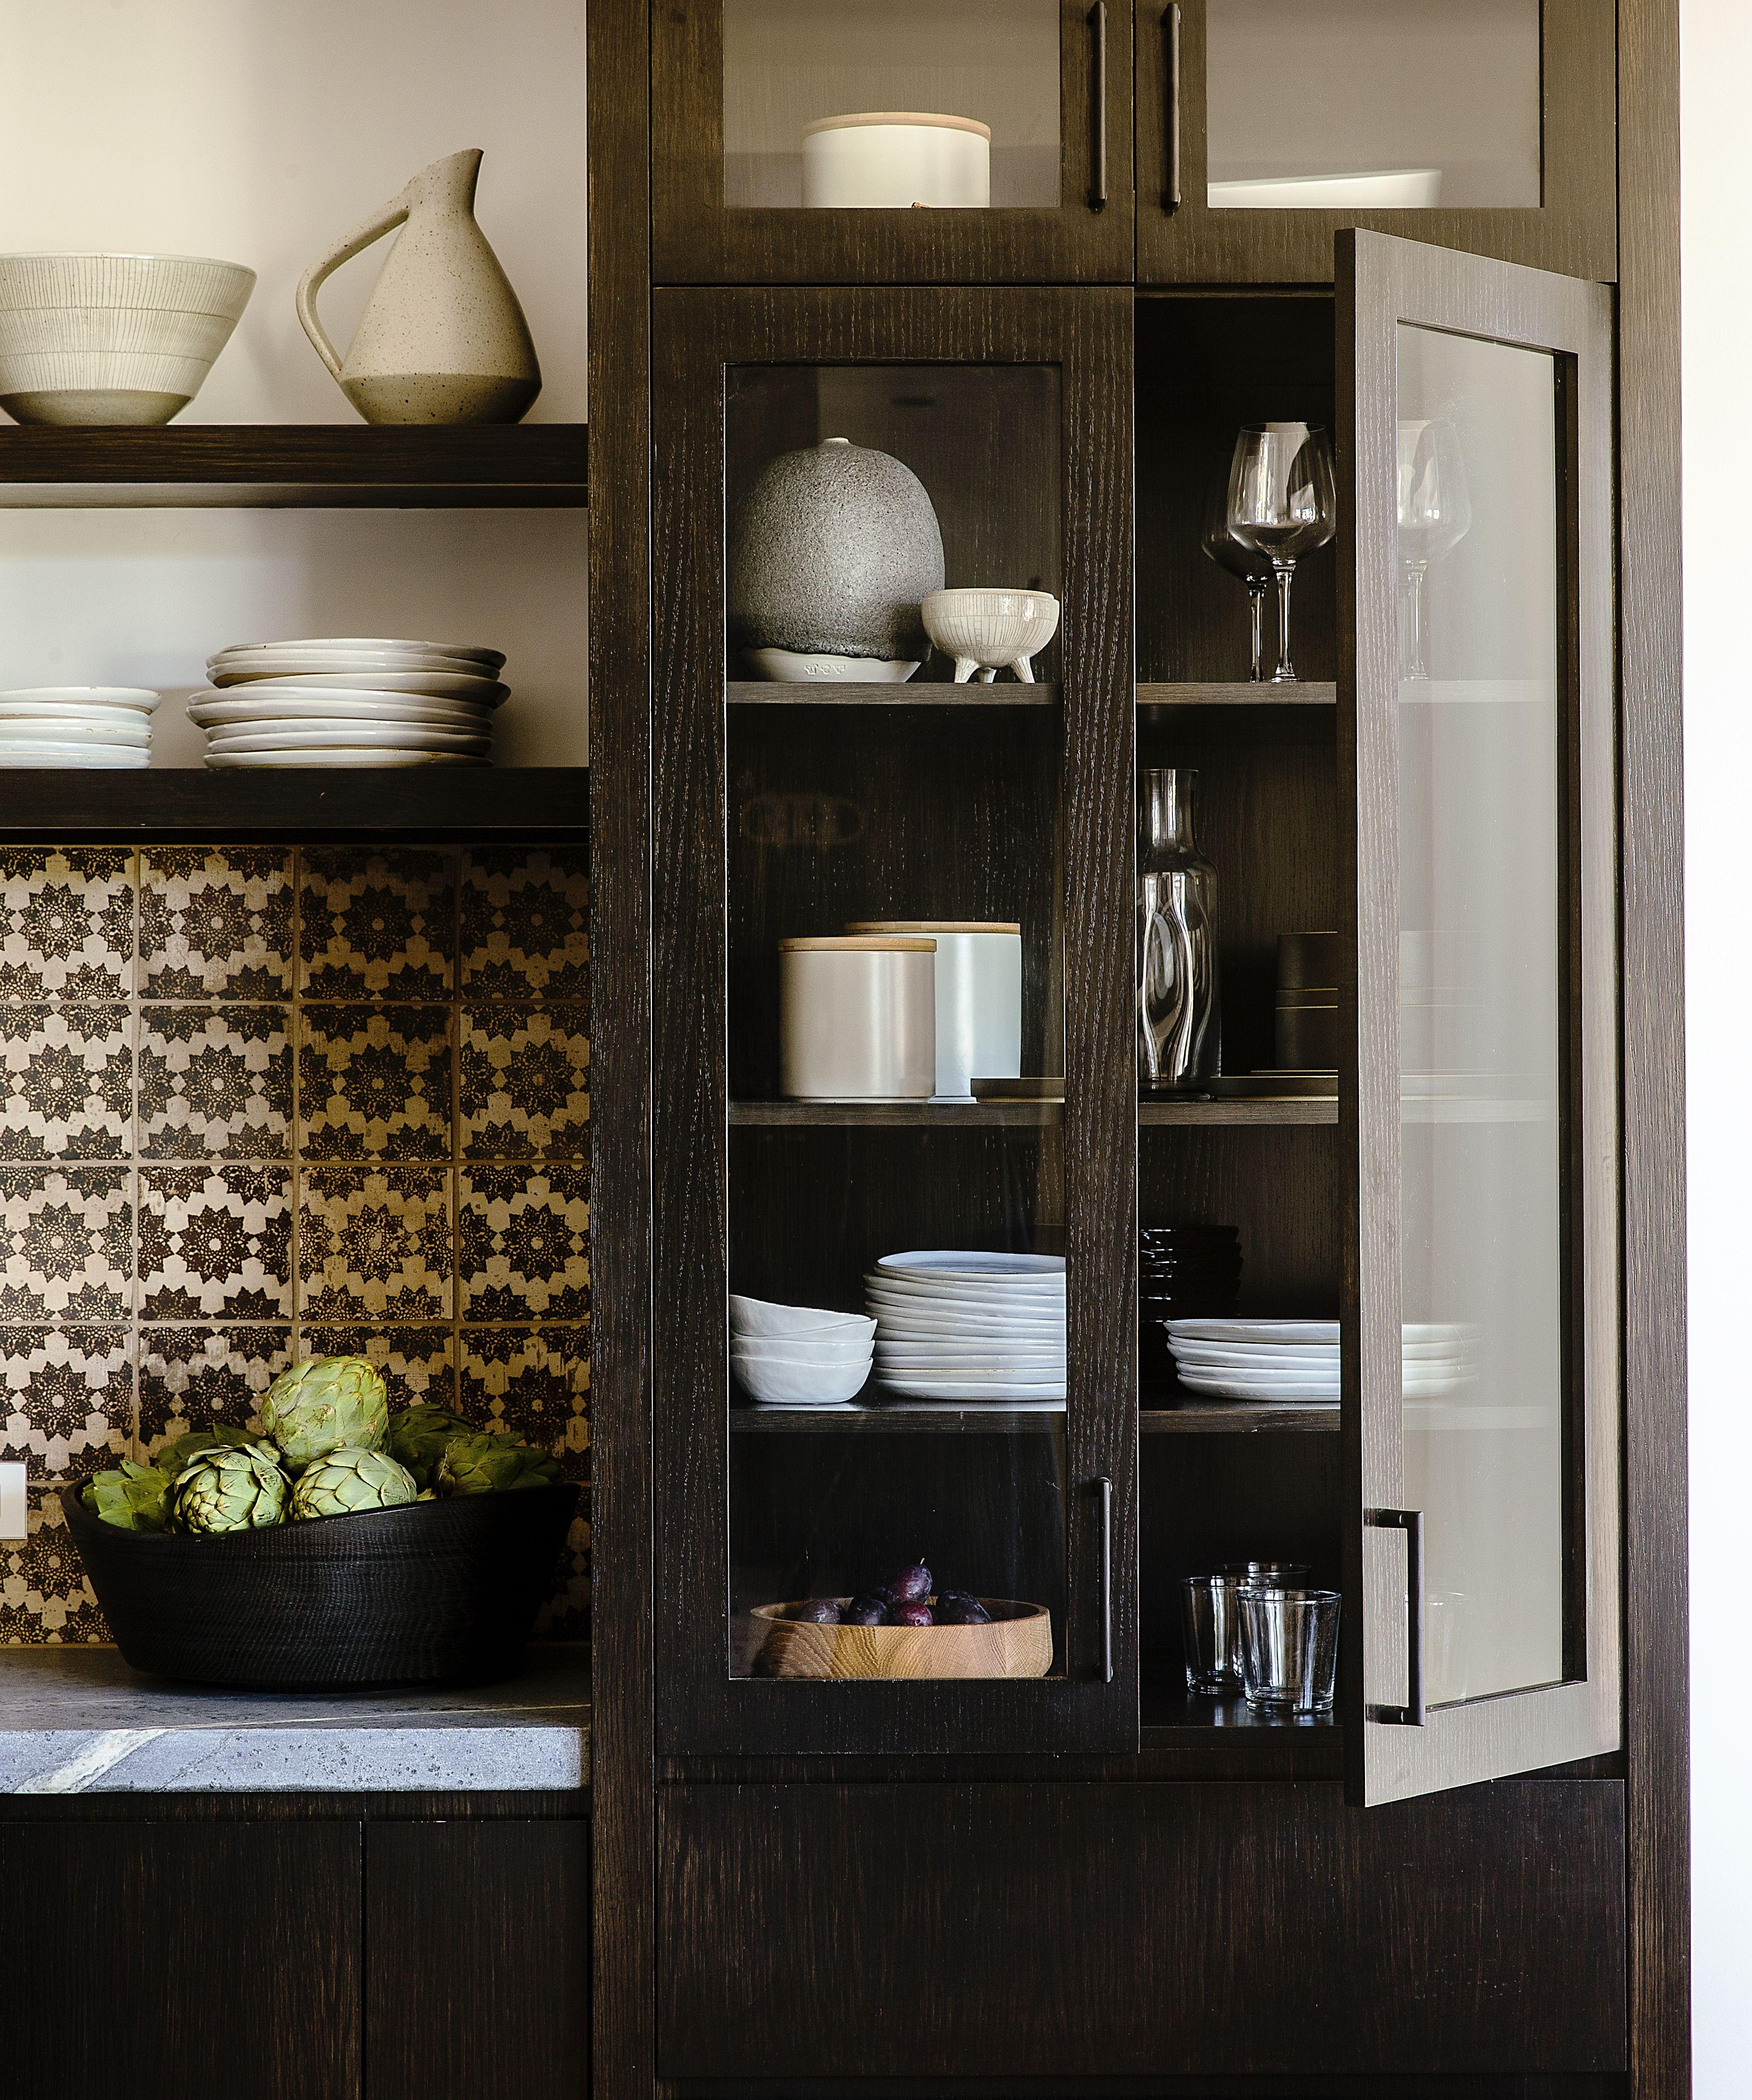 A Modern Kitchen With Bohemian Tile